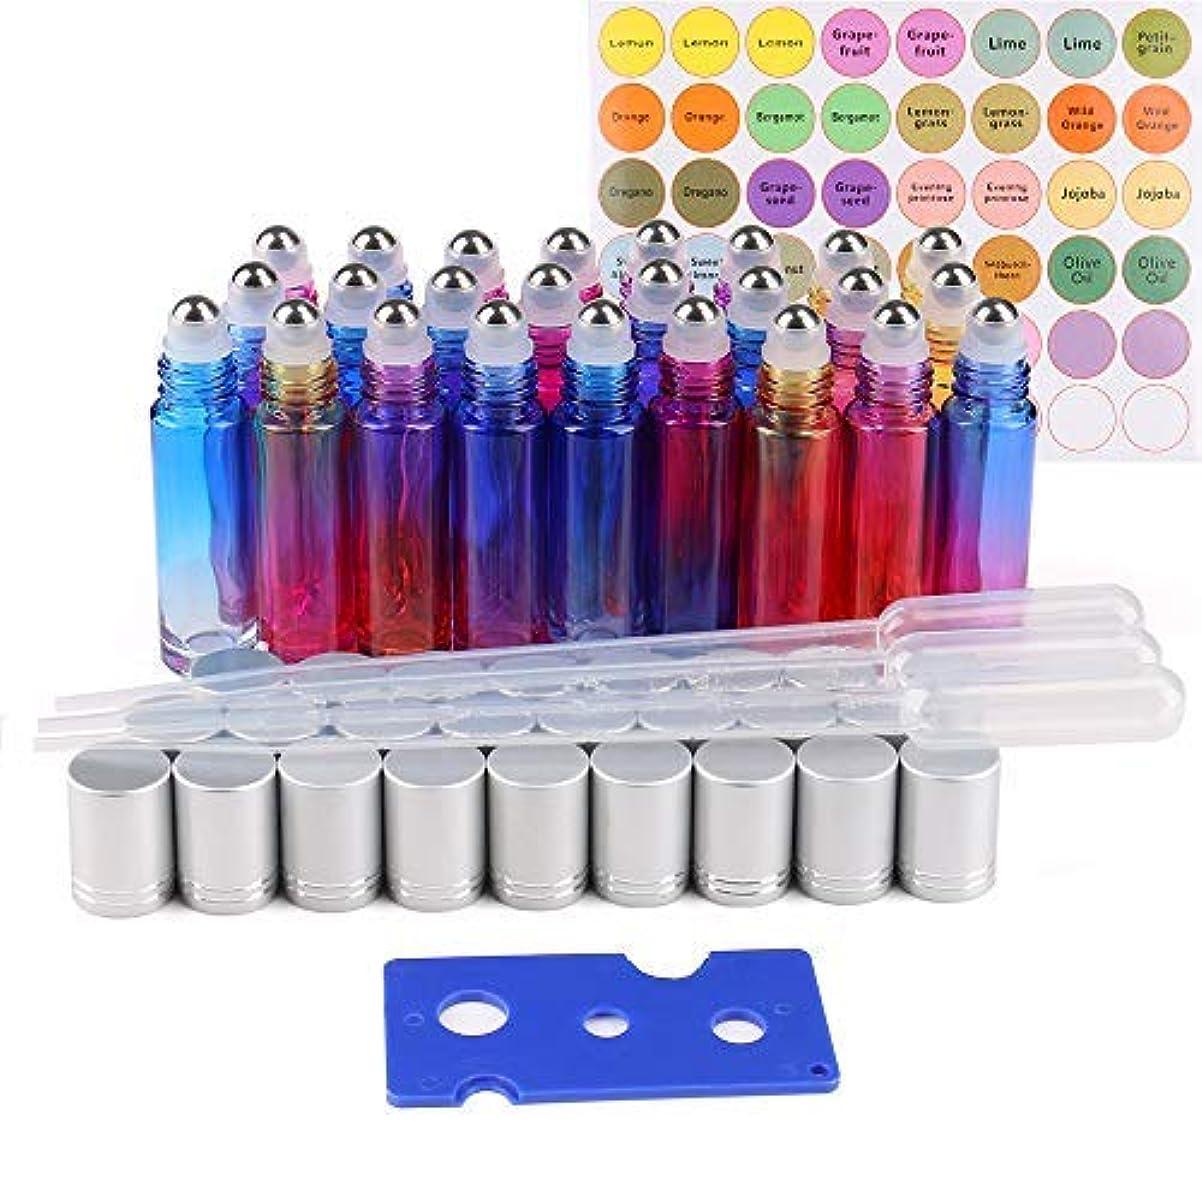 強化するショッキングに負ける25 Pack Essential Oil Roller Bottles, 10ml Gradient Color Roll on Bottles with Stainless Steel Roller Balls for...